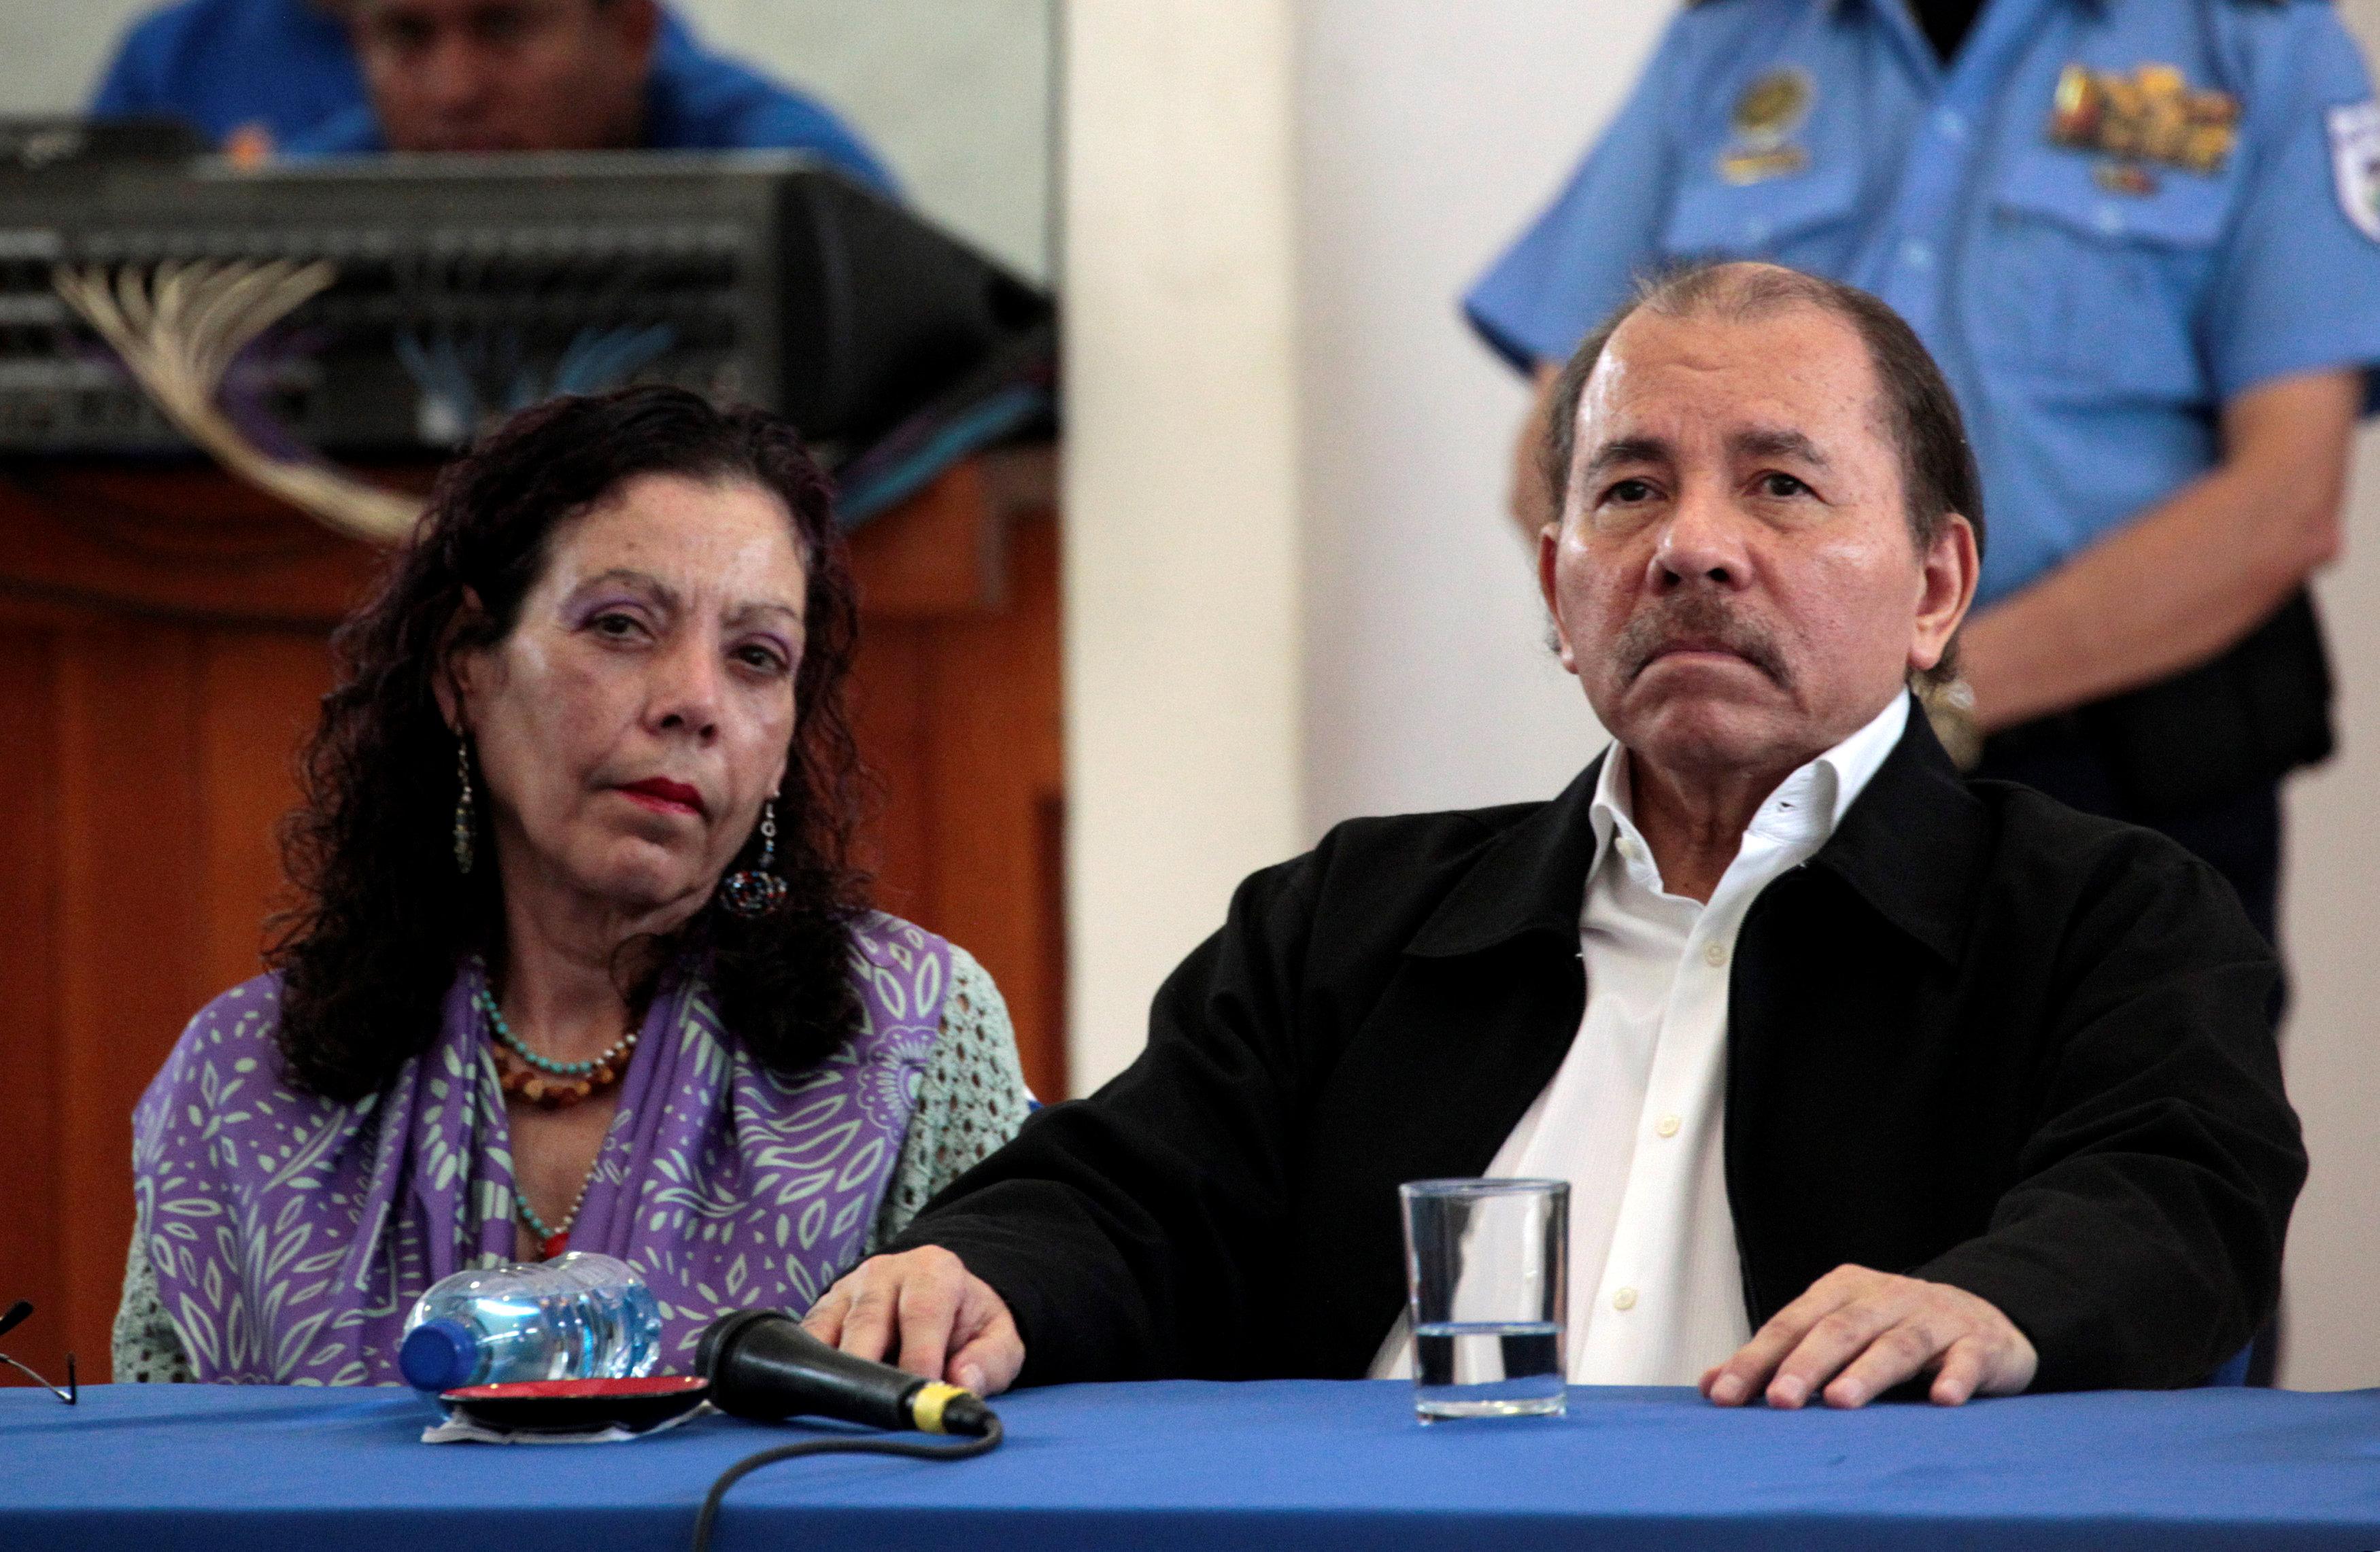 """La primera dama Rosario Murillo, detrás de los """"árboles de la vida"""", junto a su esposo el presidente de Nicaragua Daniel Ortega, quien ha lanzado una feroz represión contra estudiantes (Reuters)"""